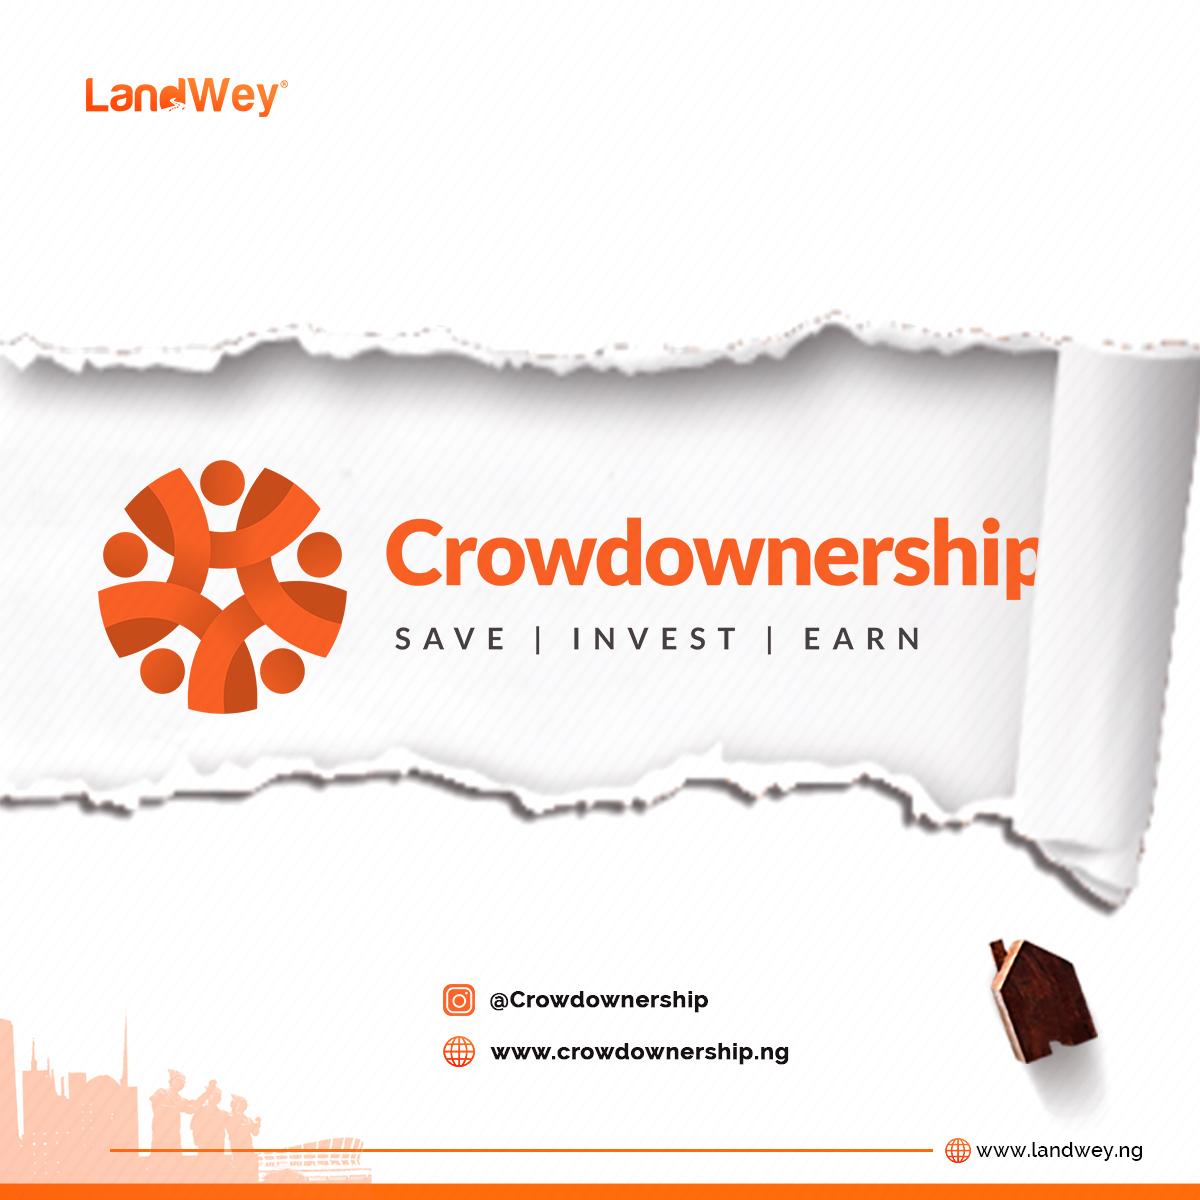 CrowdOwnership; Real estate co-ownership platform